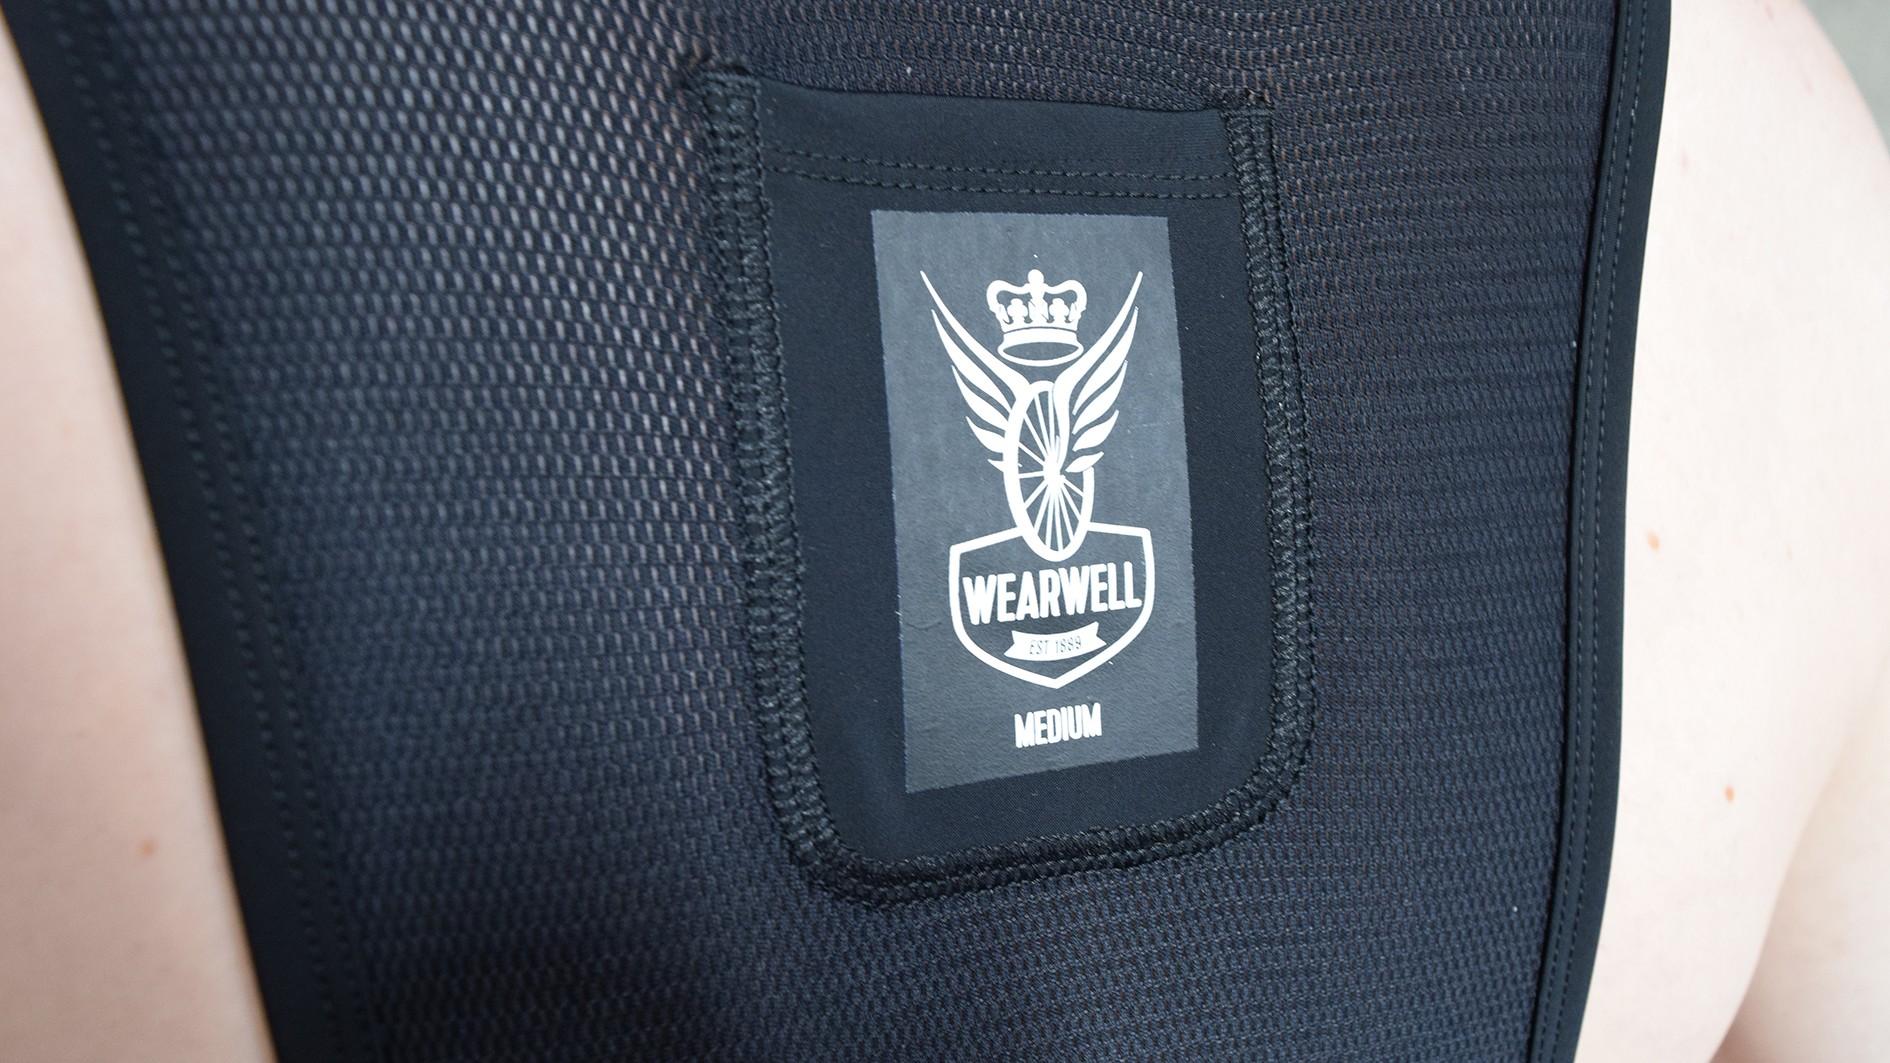 Wearwell logo